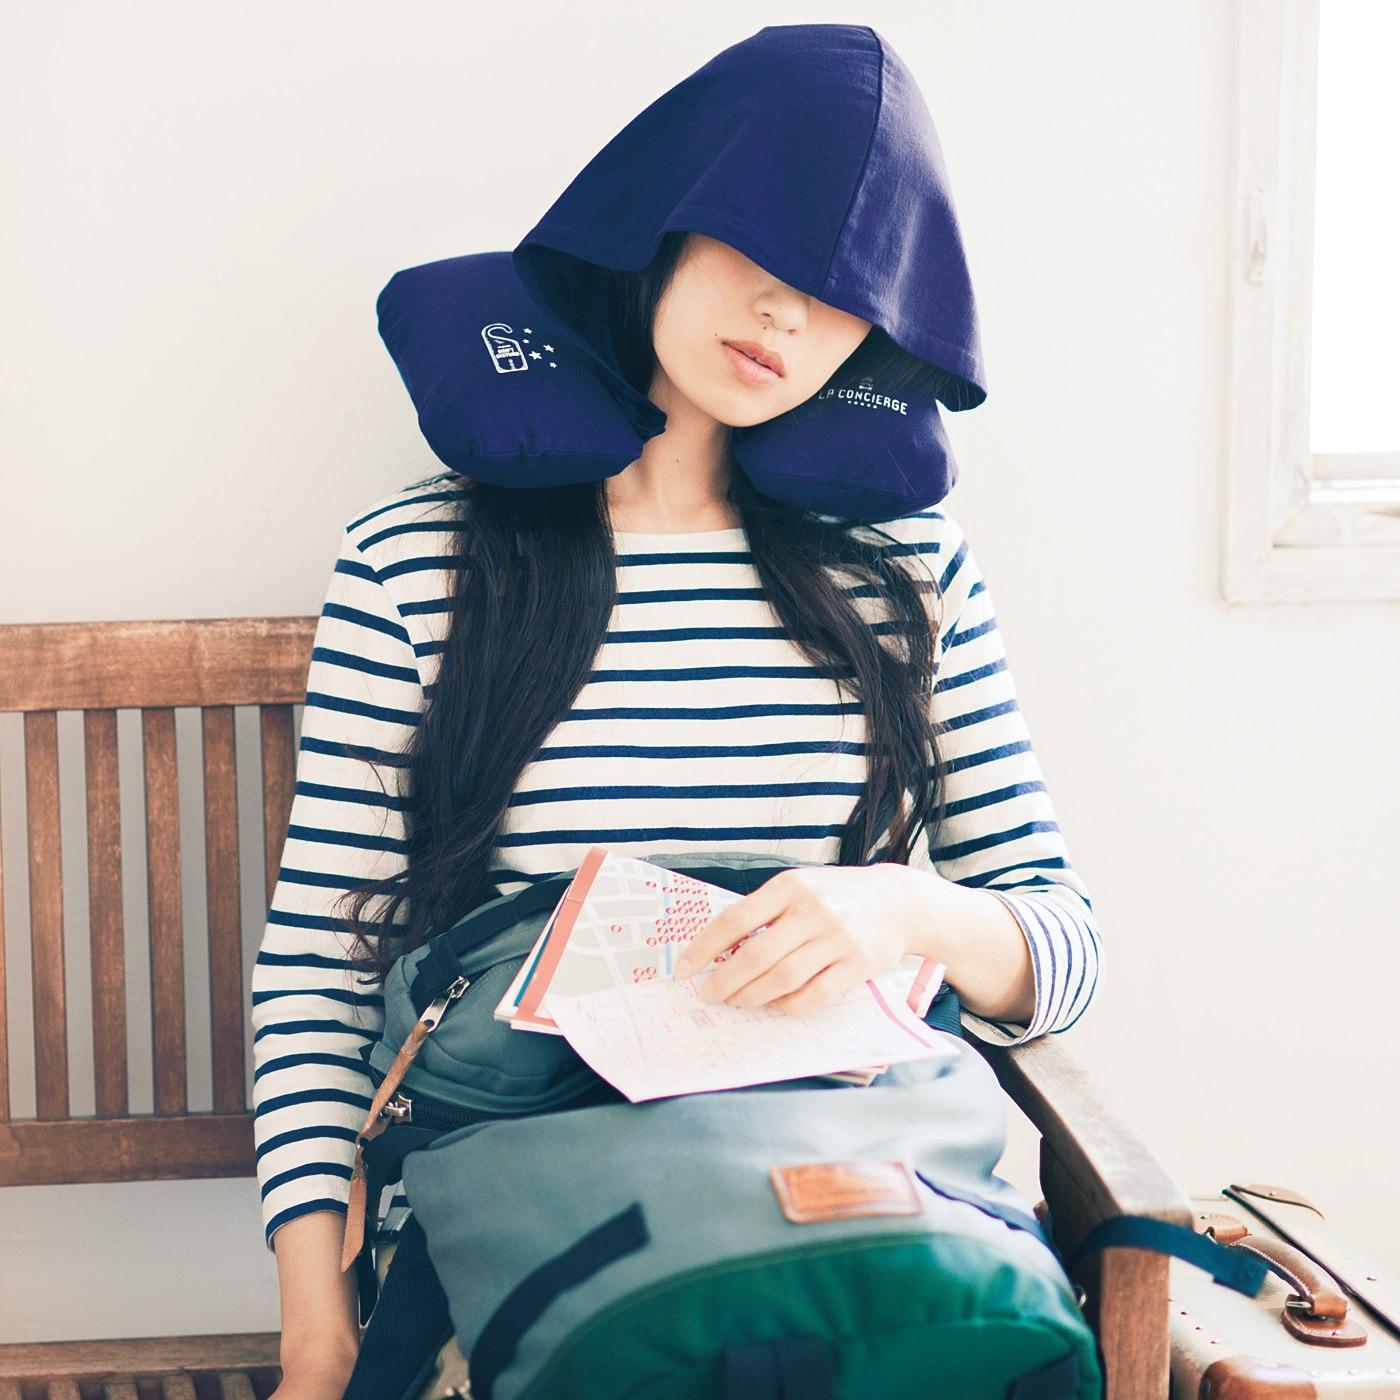 フード付き快眠ピロー 「移動中は光を遮り快適に眠りたい。でもメイクや髪型はくずしたくない。そんなわがままを叶(かな)えるのがコレ。フードを付けてすっぽりかぶれば、自分だけのリラックス空間に。」